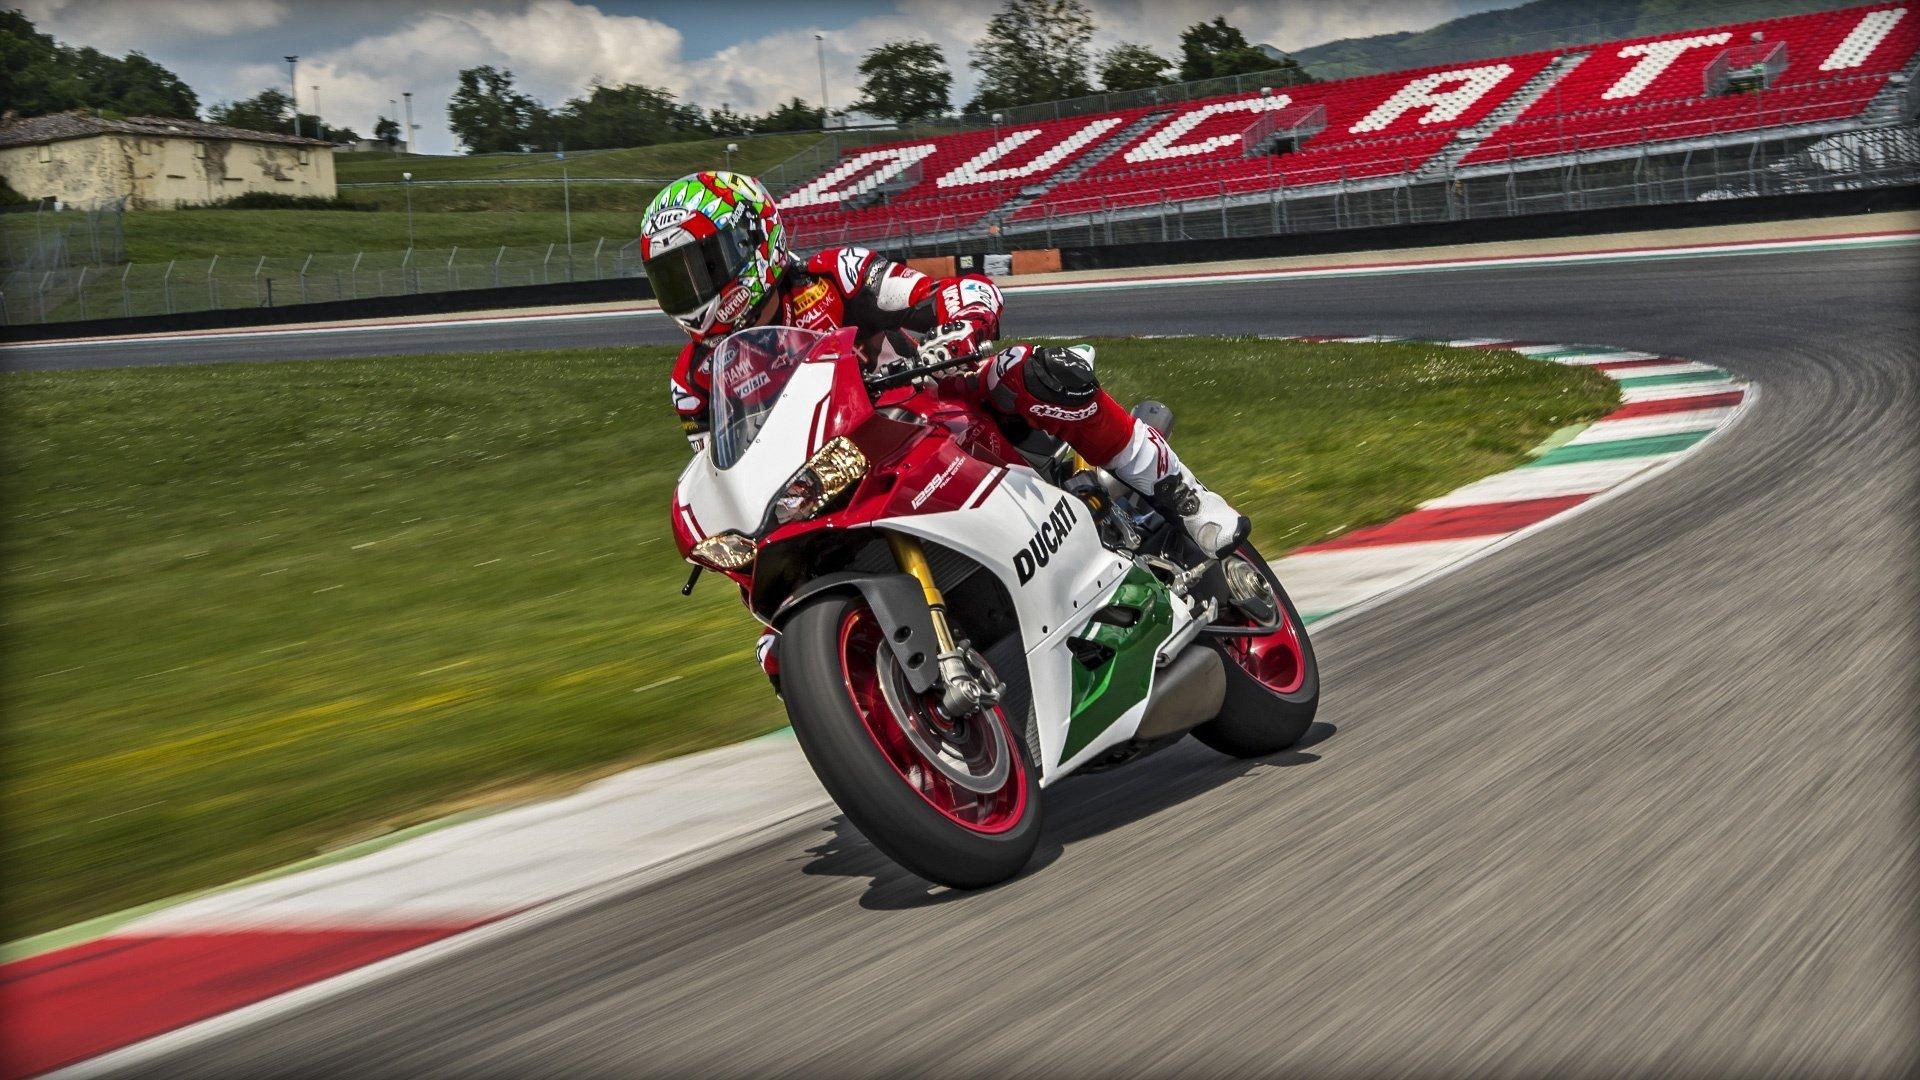 un motociclista che sta curvando con una moto da corsa rossa Ducati in una pista